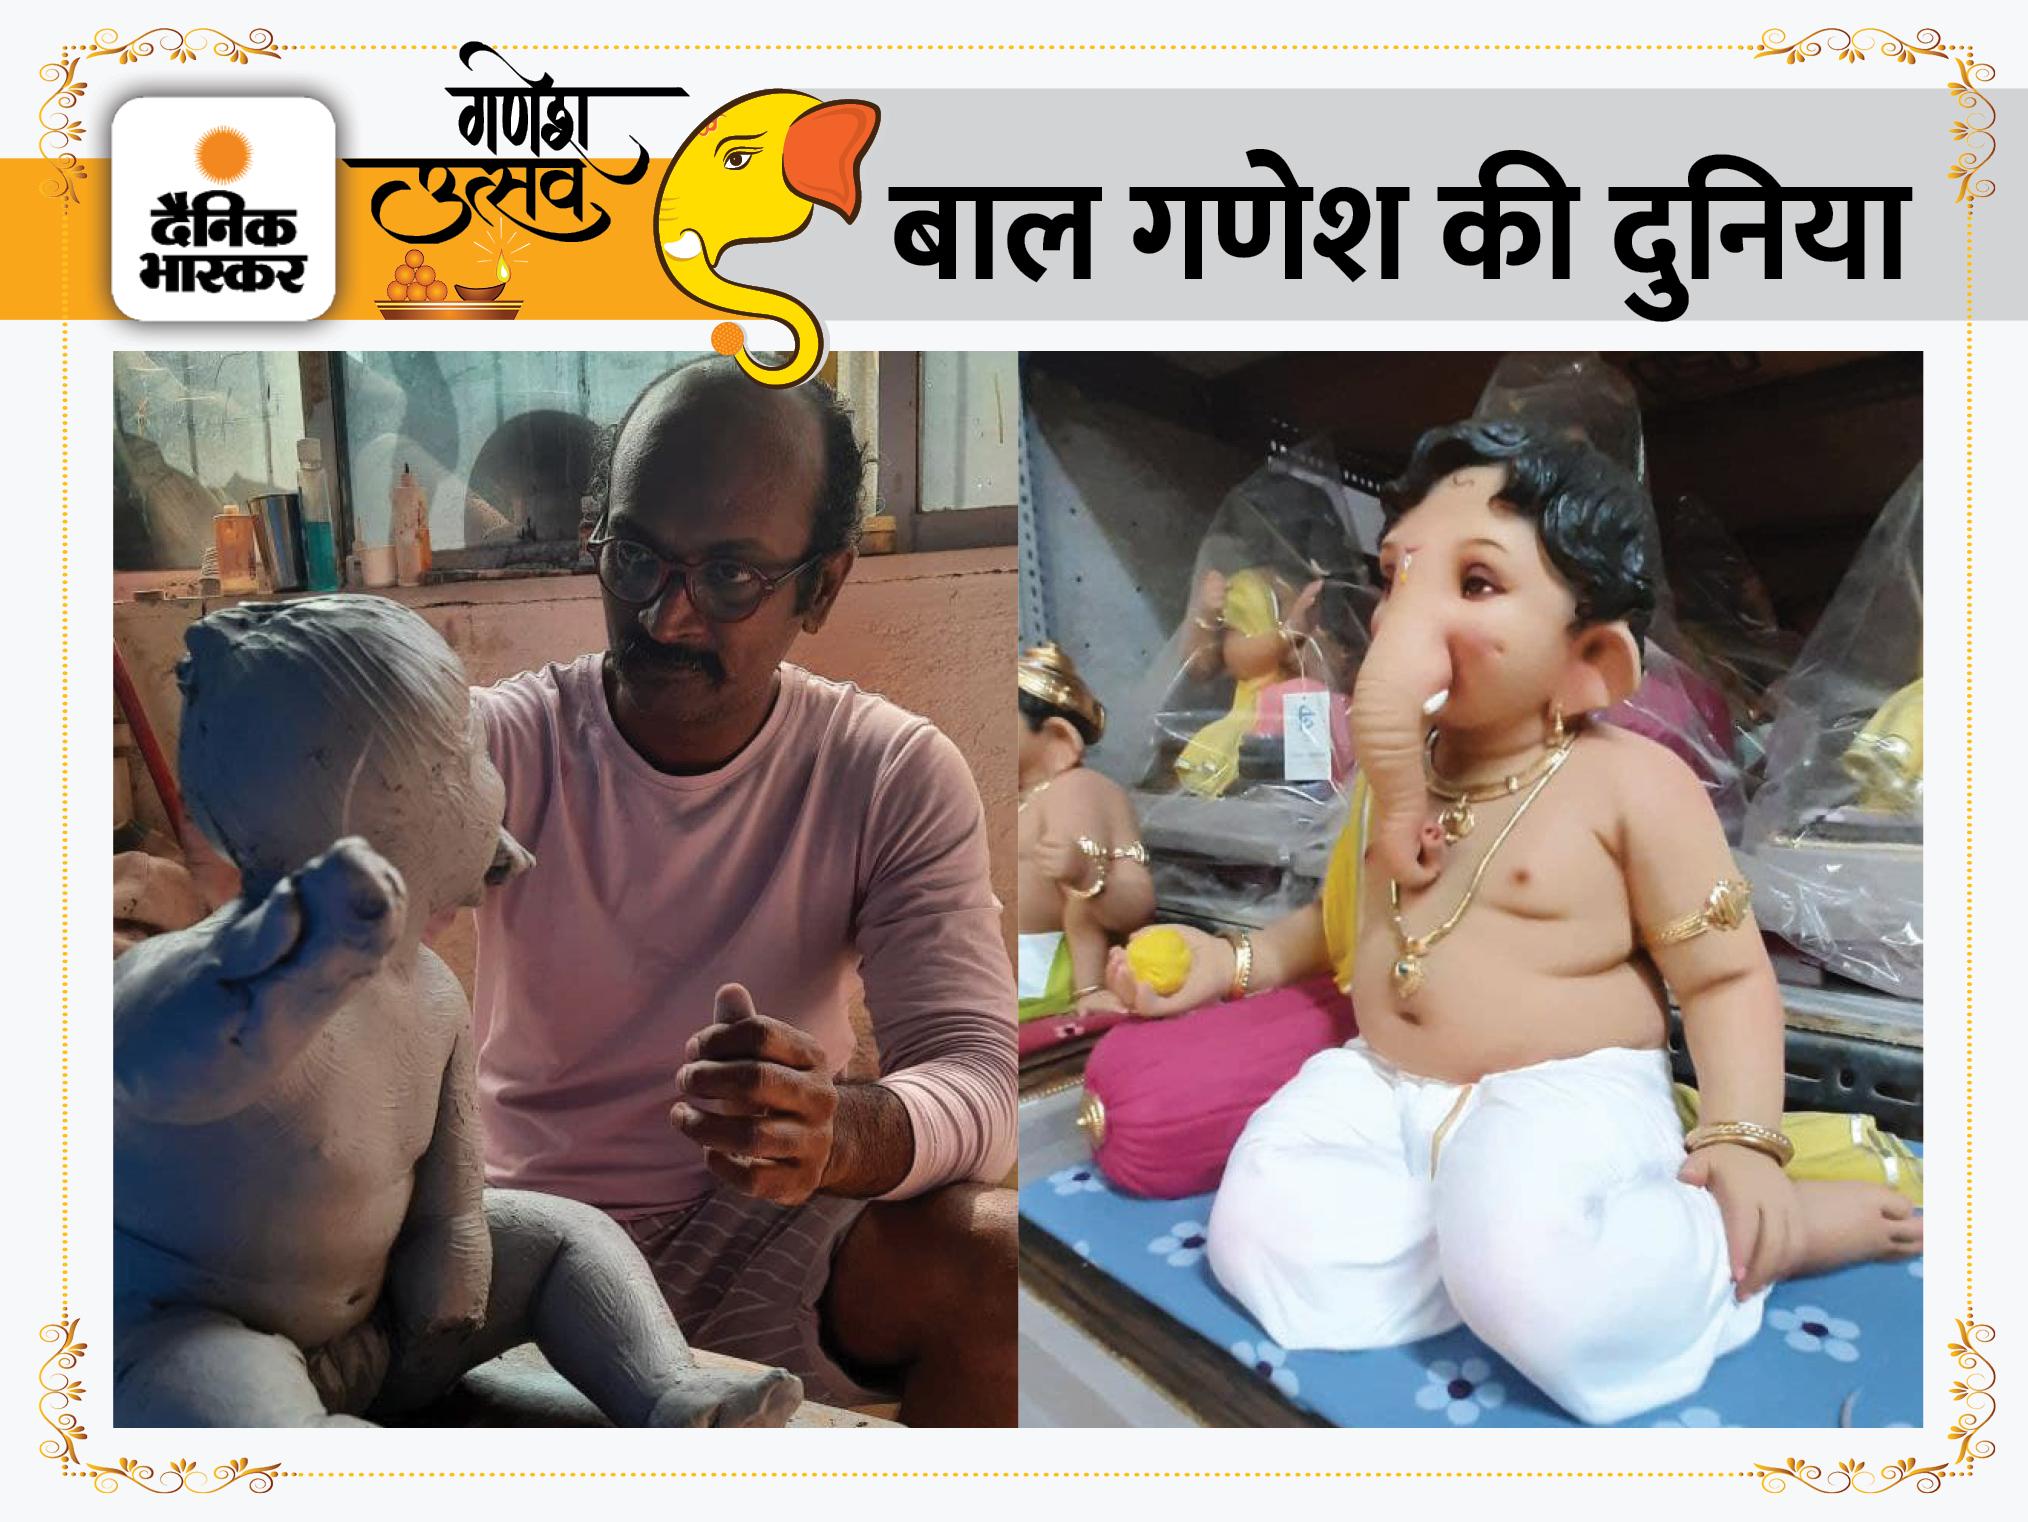 मुंबई के विशाल शिंदे ने 10 साल में बाल गणेश मूर्तियों की नई दुनिया रच दी, 2023 तक बुकिंग फुल|धर्म,Dharm - Dainik Bhaskar